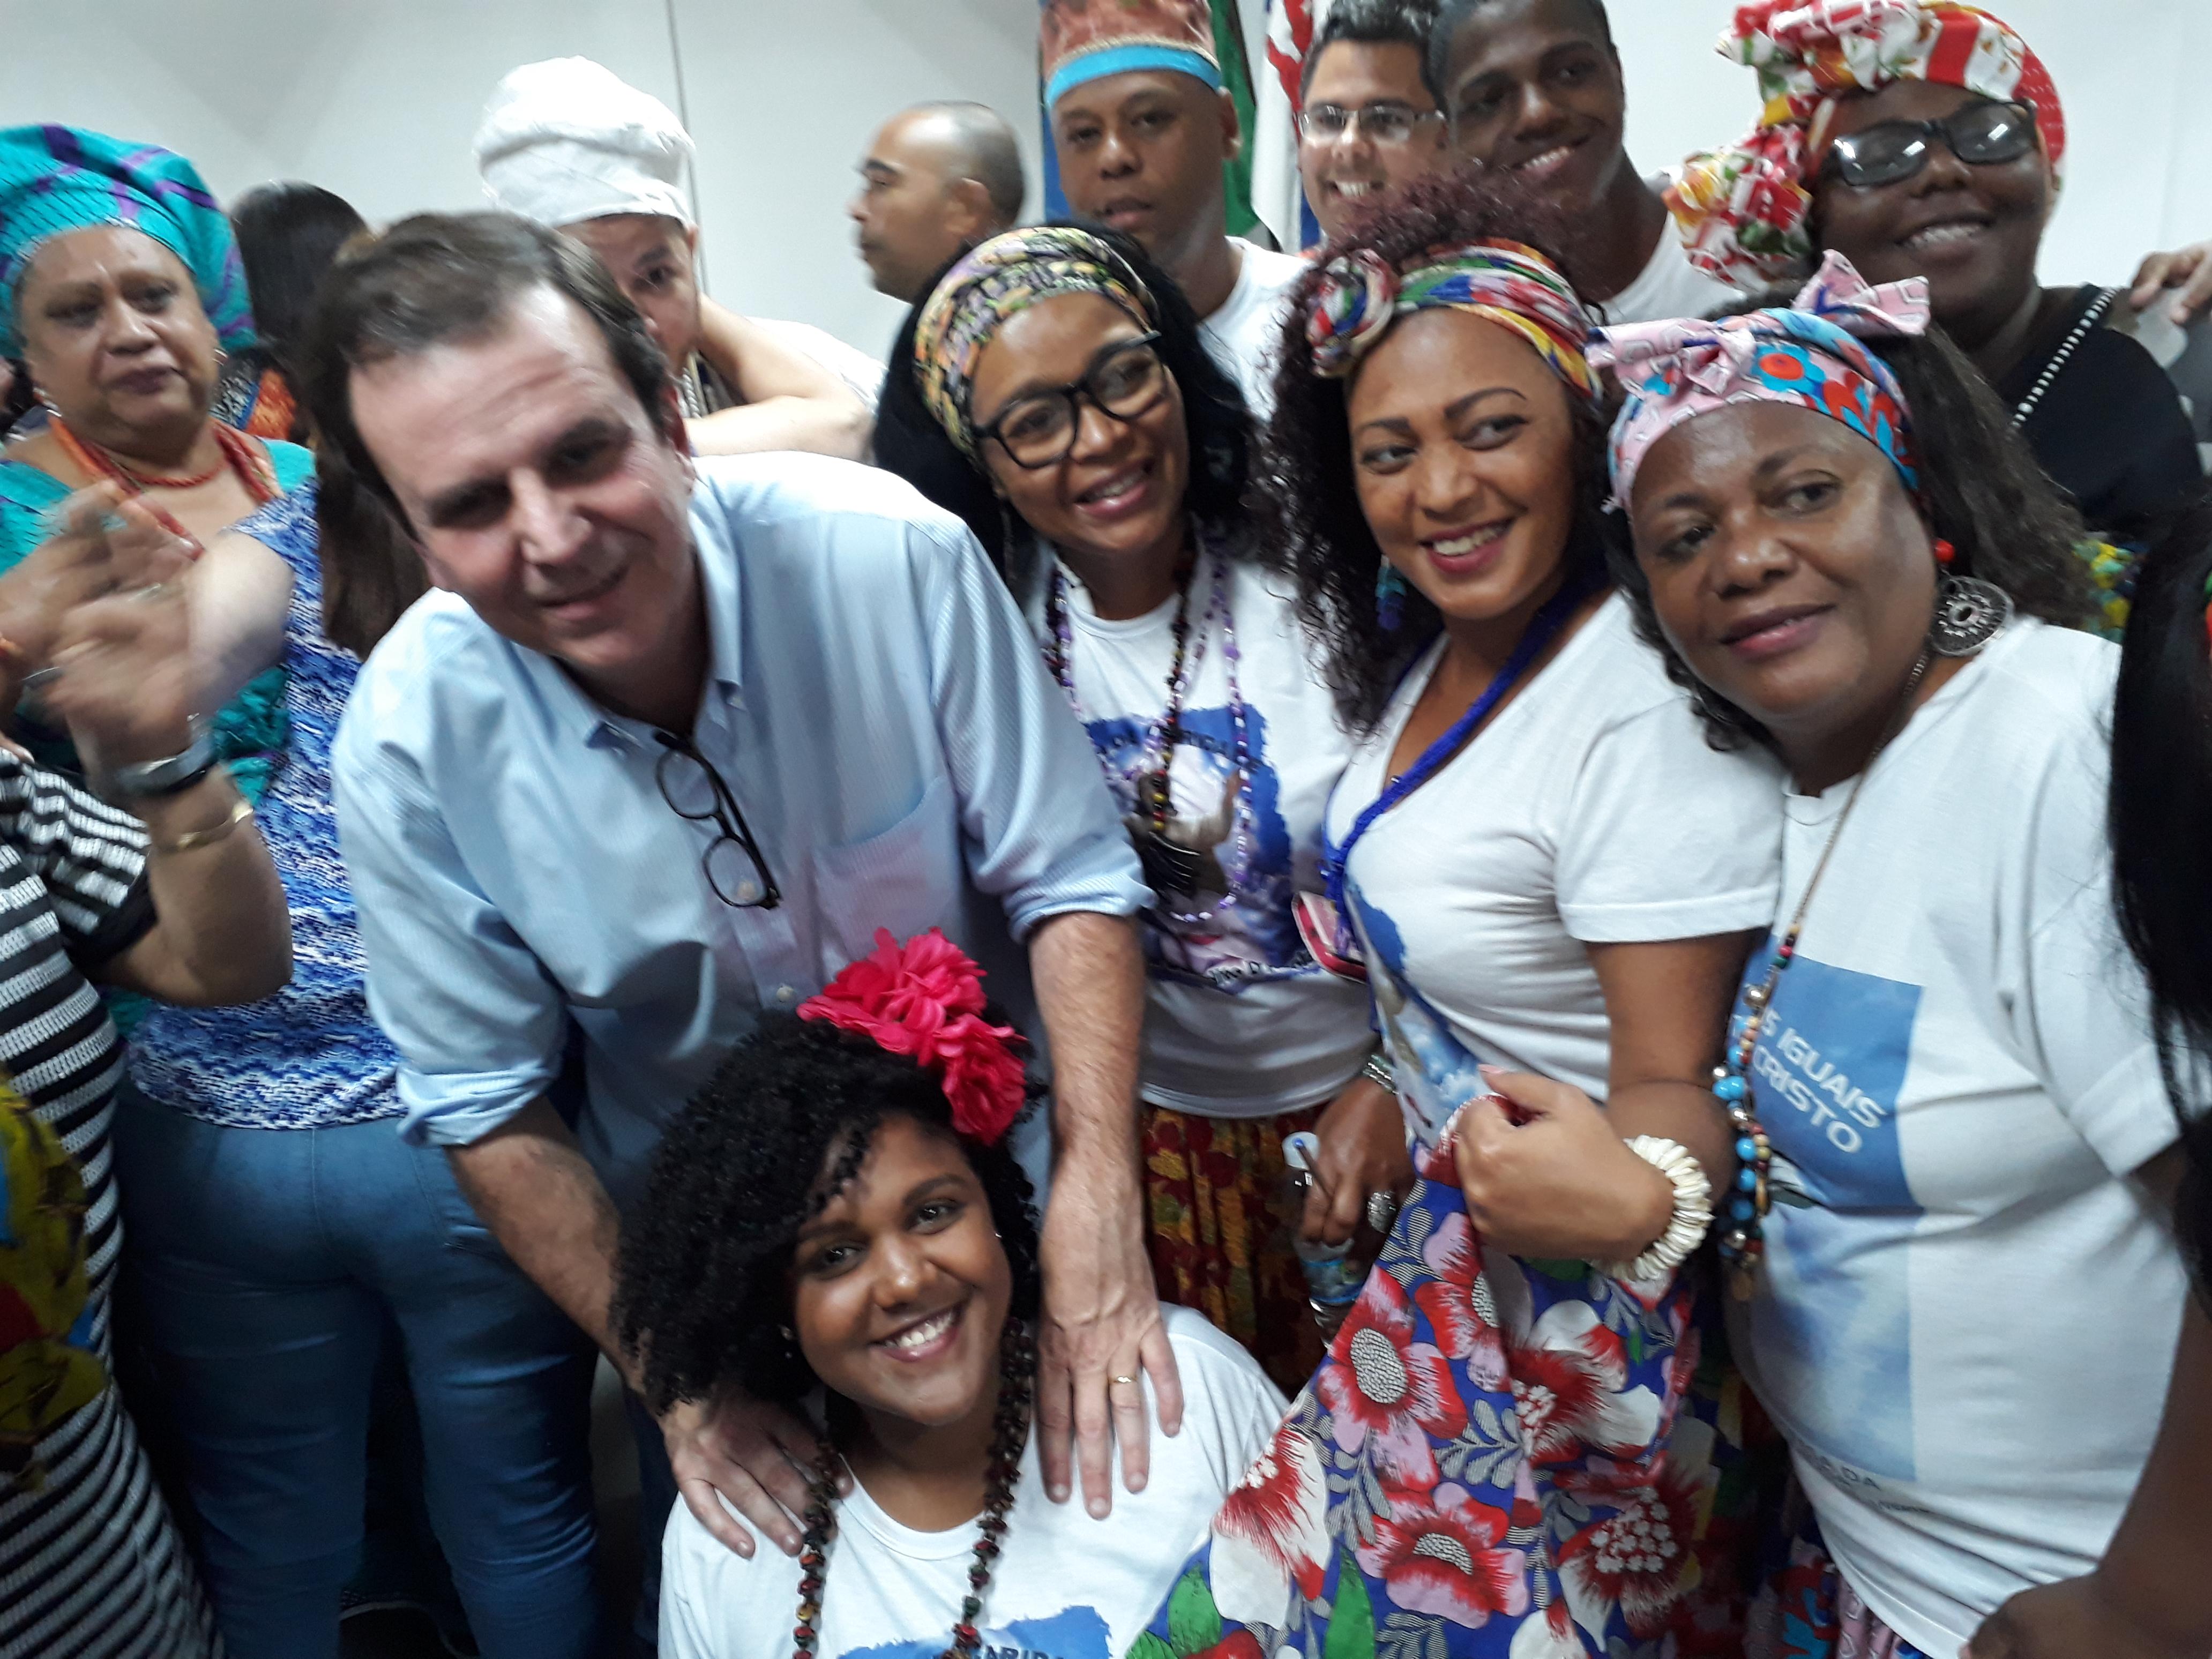 Eduardo Paes se reúne com representantes das religiões de matriz africana no Rio